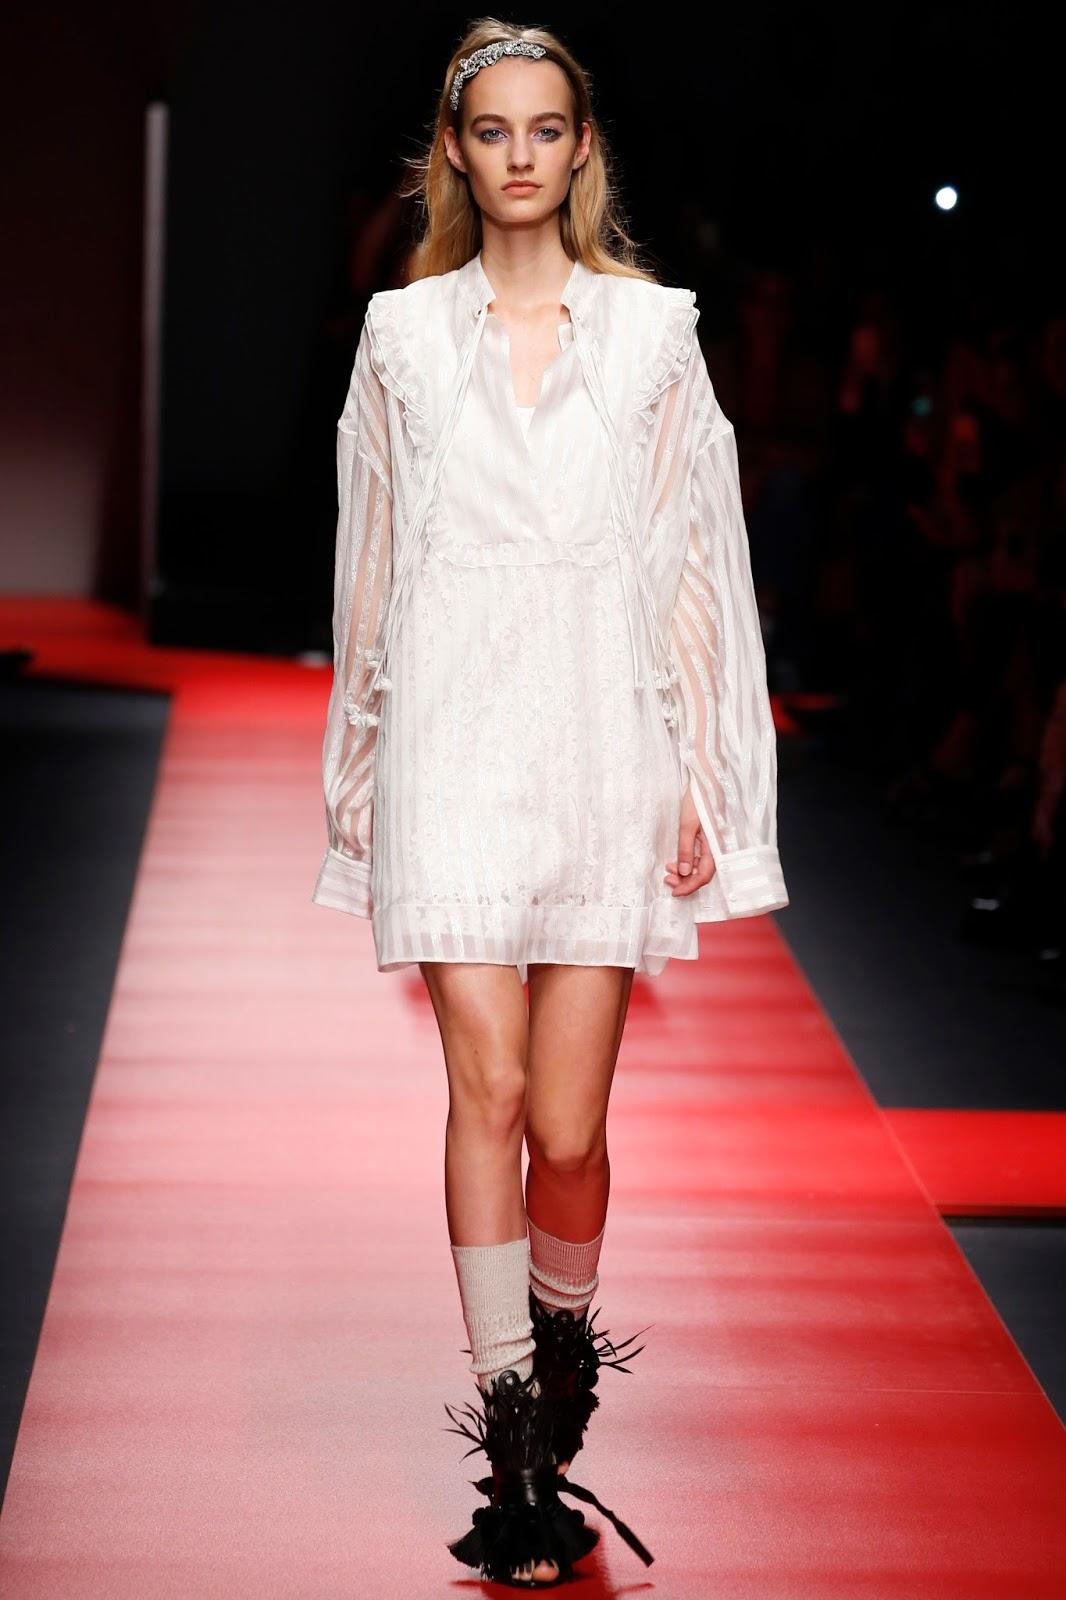 milan fashion week, catwalk, look, model, spring 201